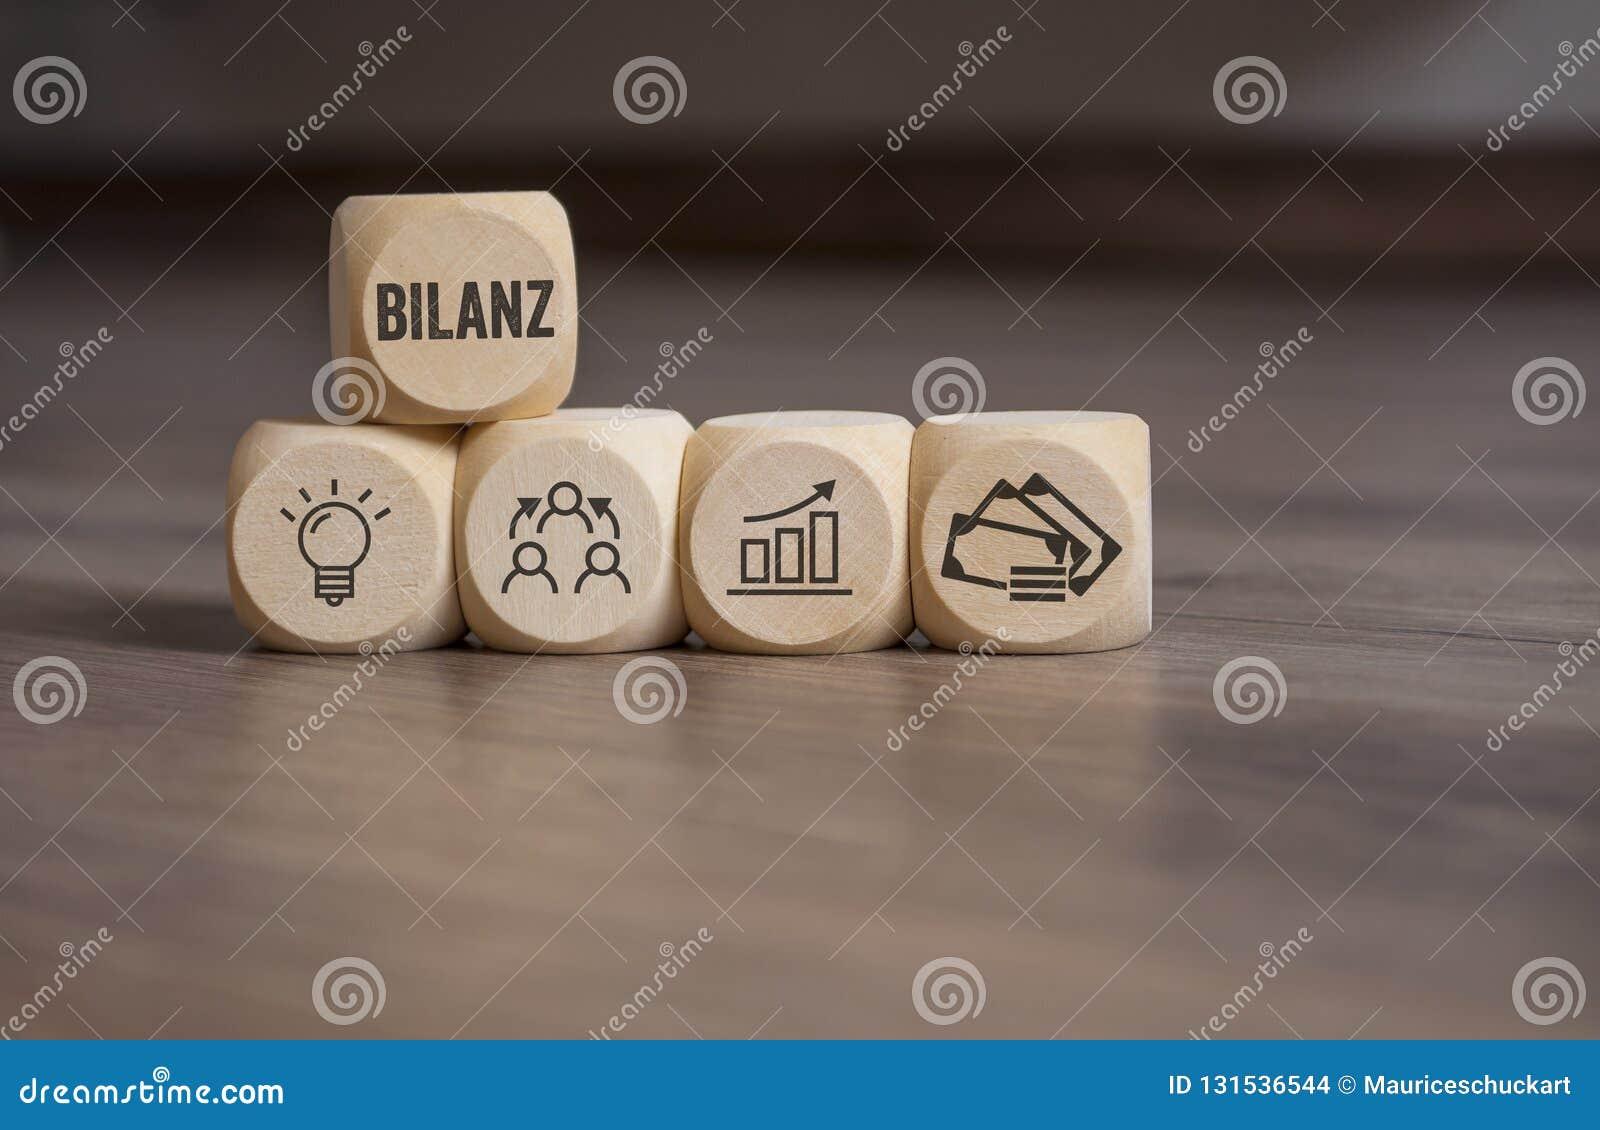 Οι κύβοι χωρίζουν σε τετράγωνα με τη γερμανική λέξη για την ισορροπία - Bilanz